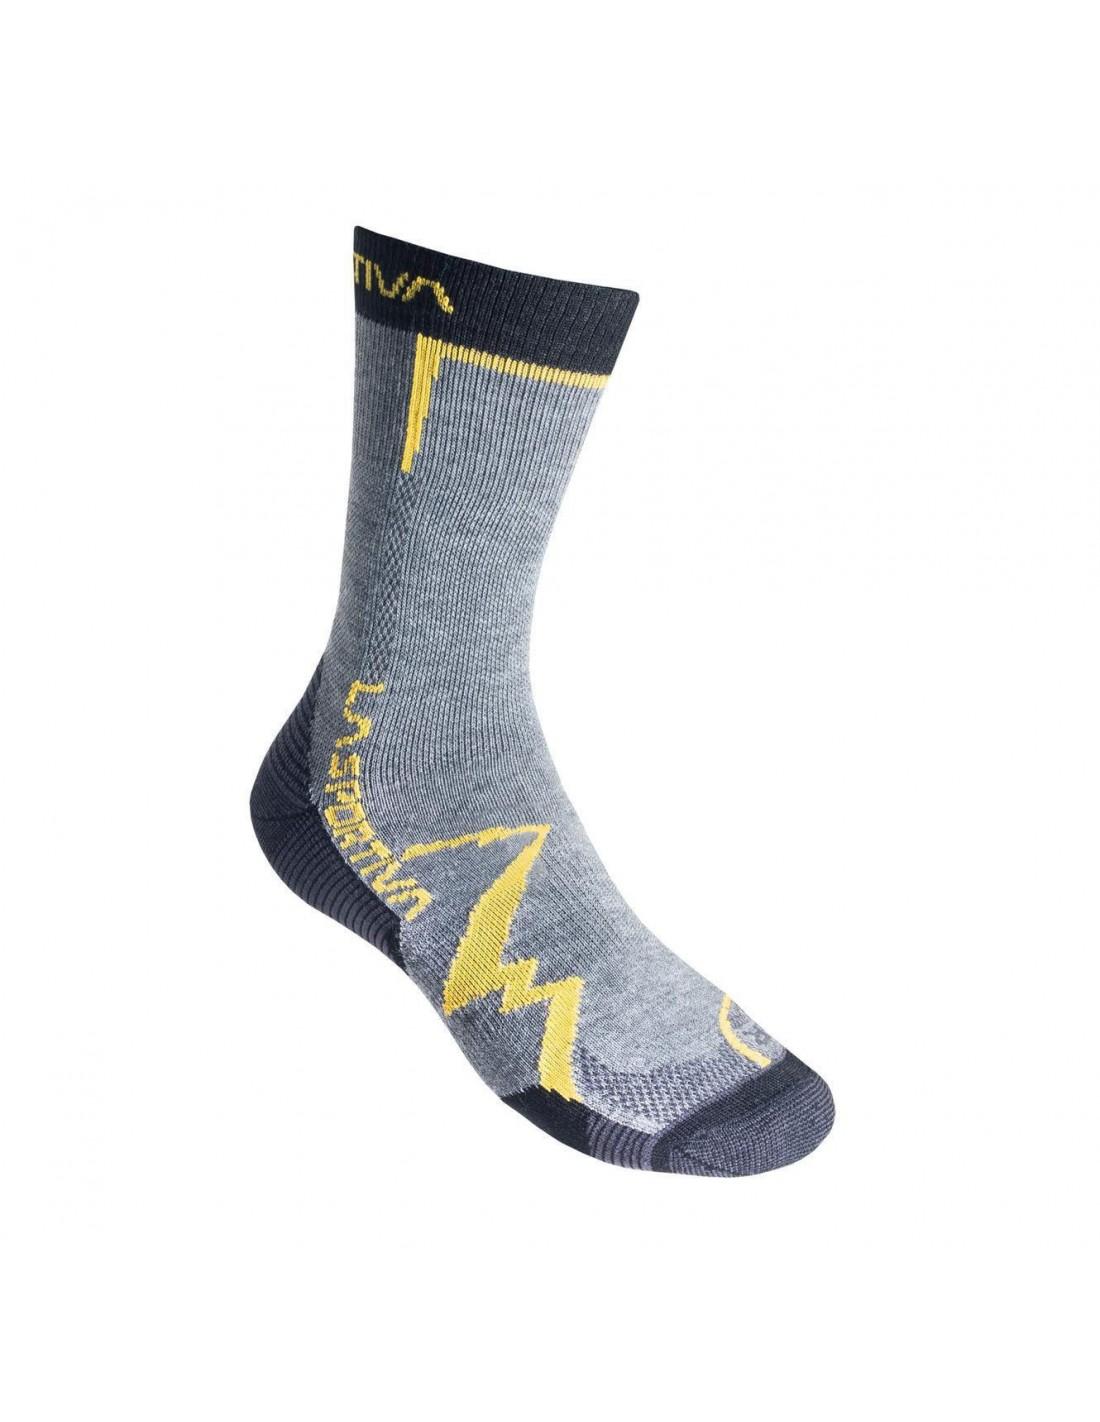 La Sportiva Socken Mountain Grey/Yellow Sockengröße - S,